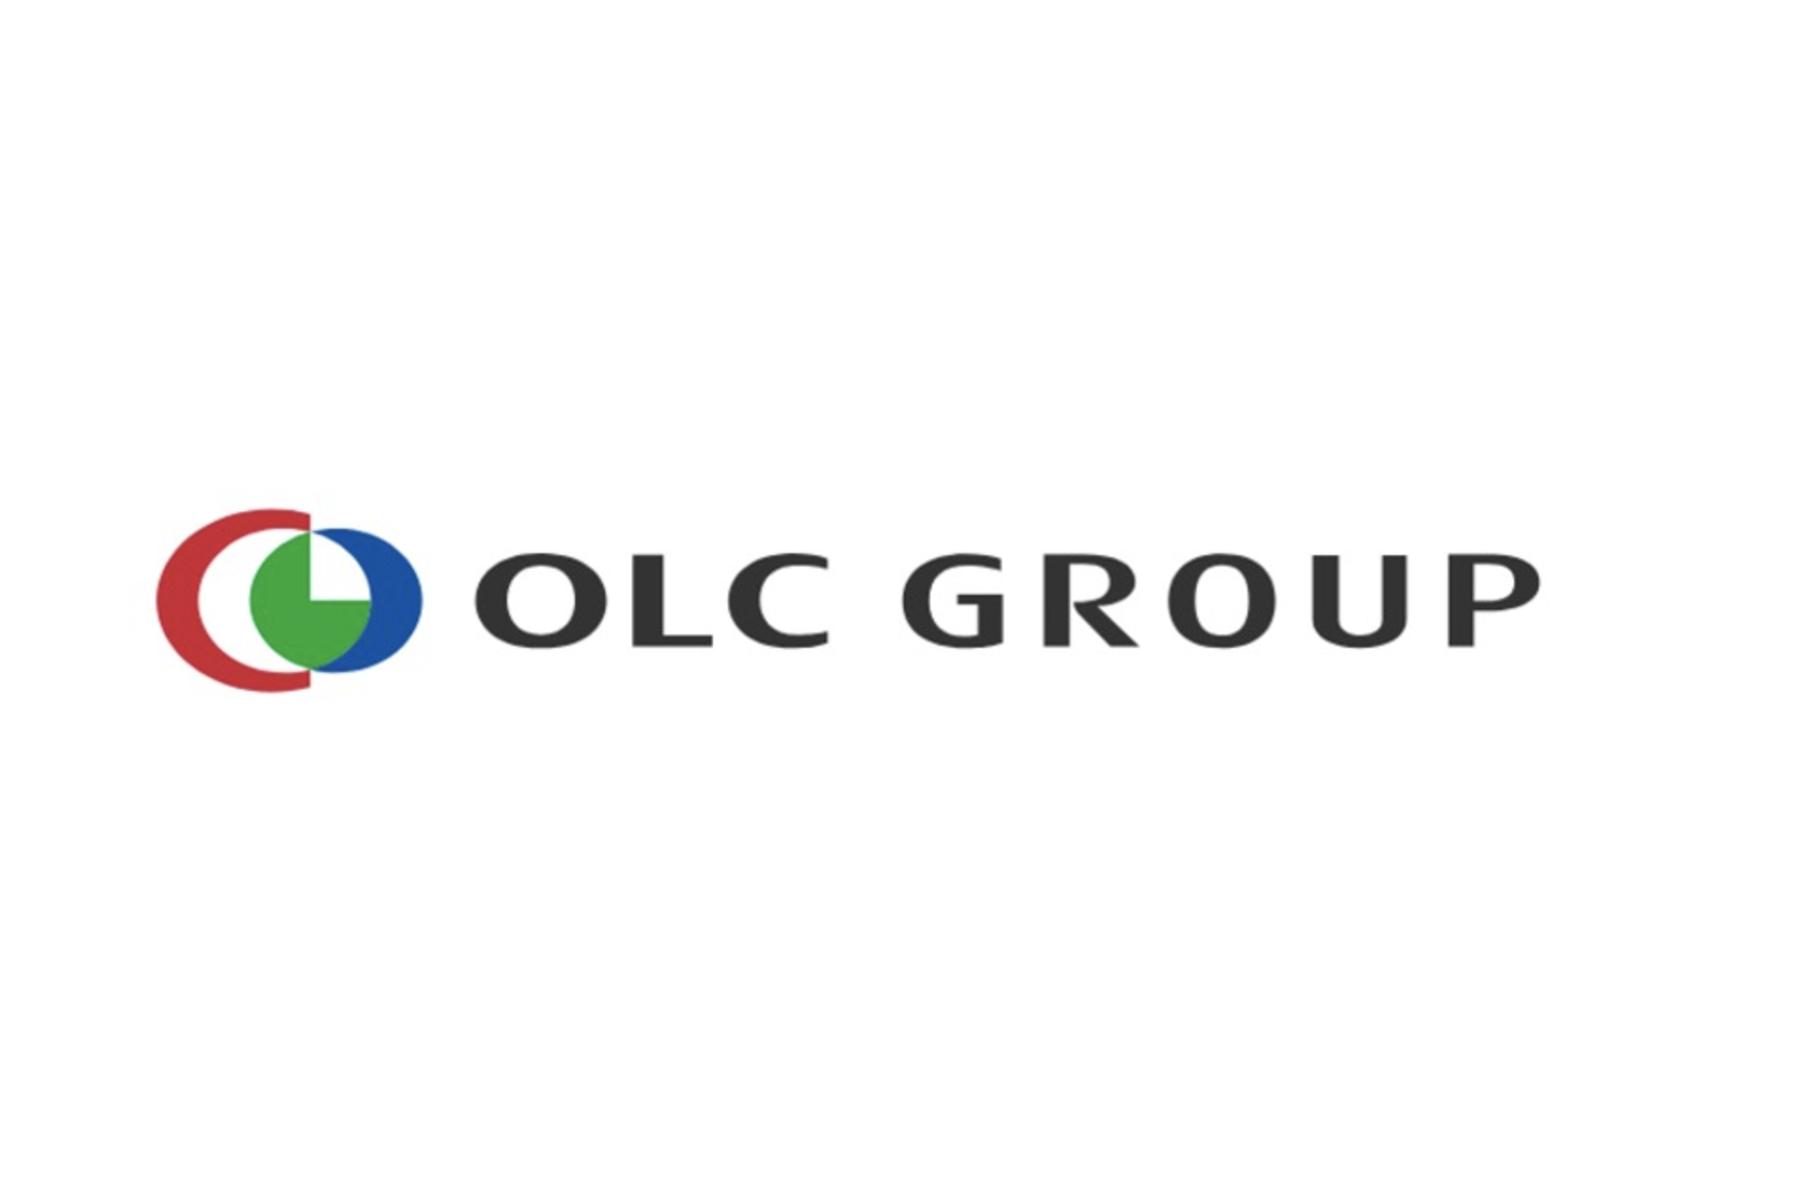 オリエンタルランドが新規事業創出を目的にCVCを設立